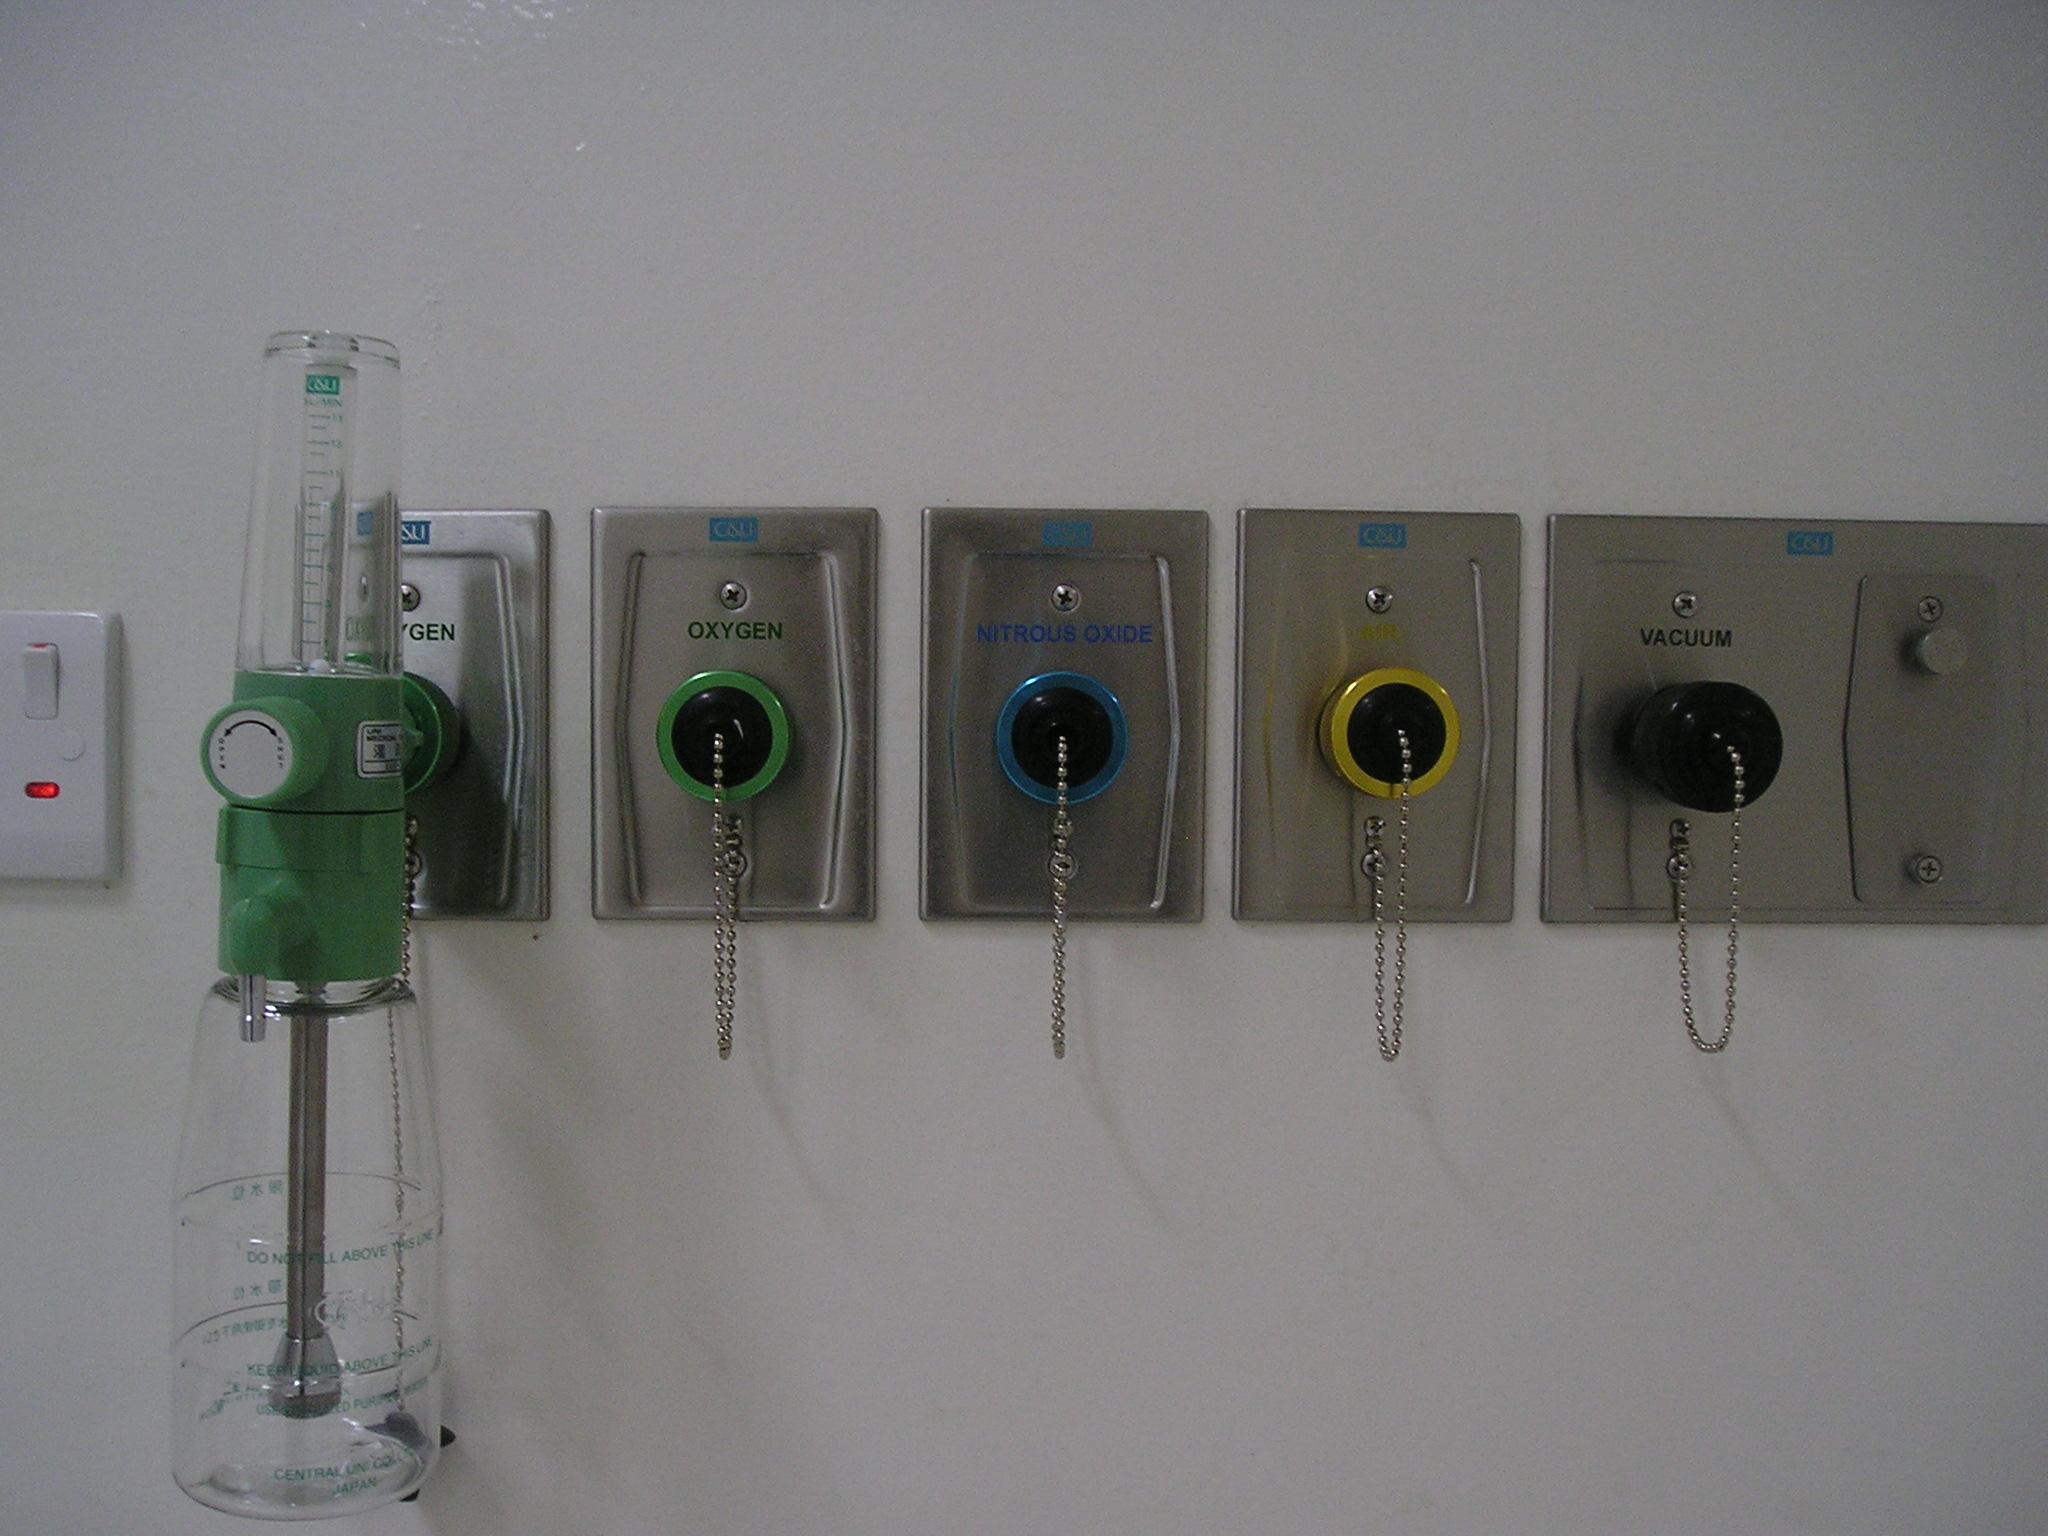 Perusahaan Gas Medis Rumah Sakit di Padang Batung Hulu Sungai Selatan Kalimantan Selatan